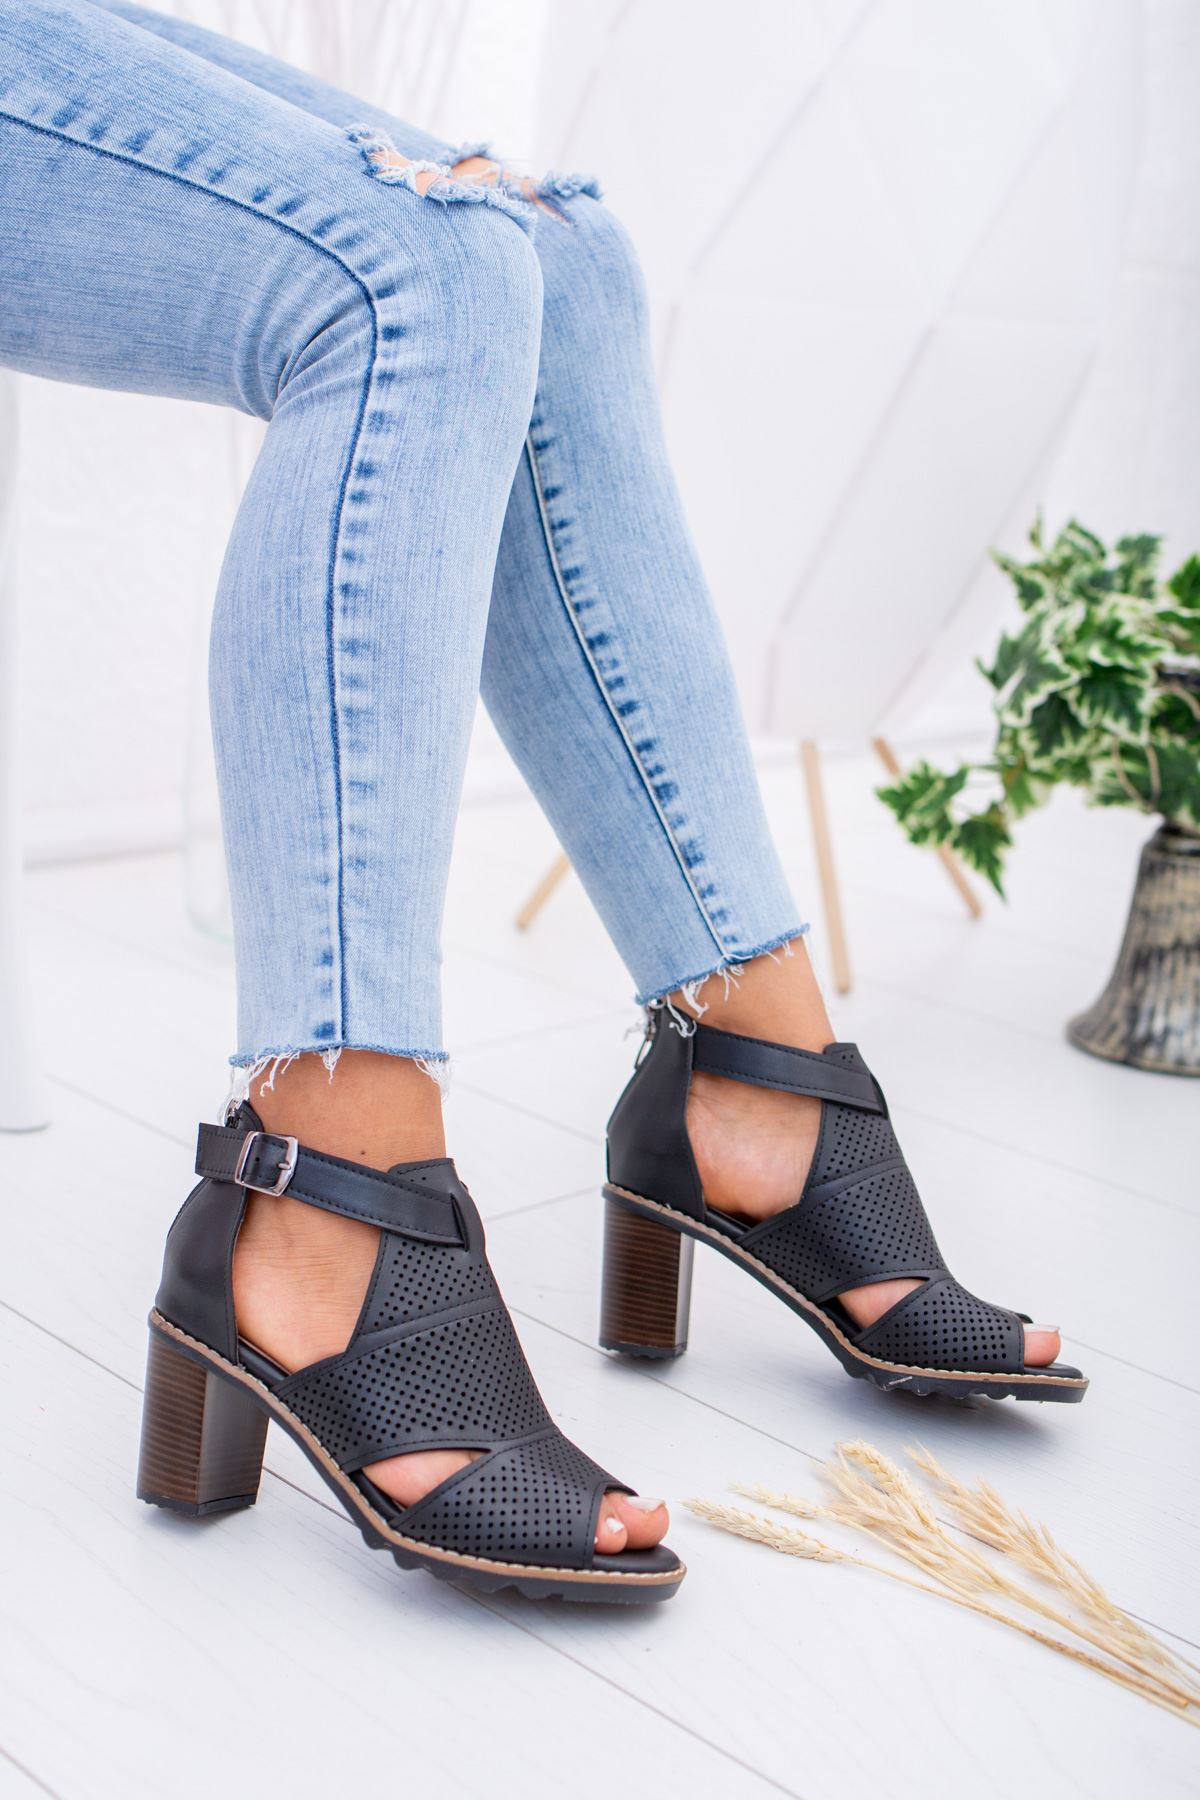 Lazerli Delikli Siyah Ökçeli Sandalet